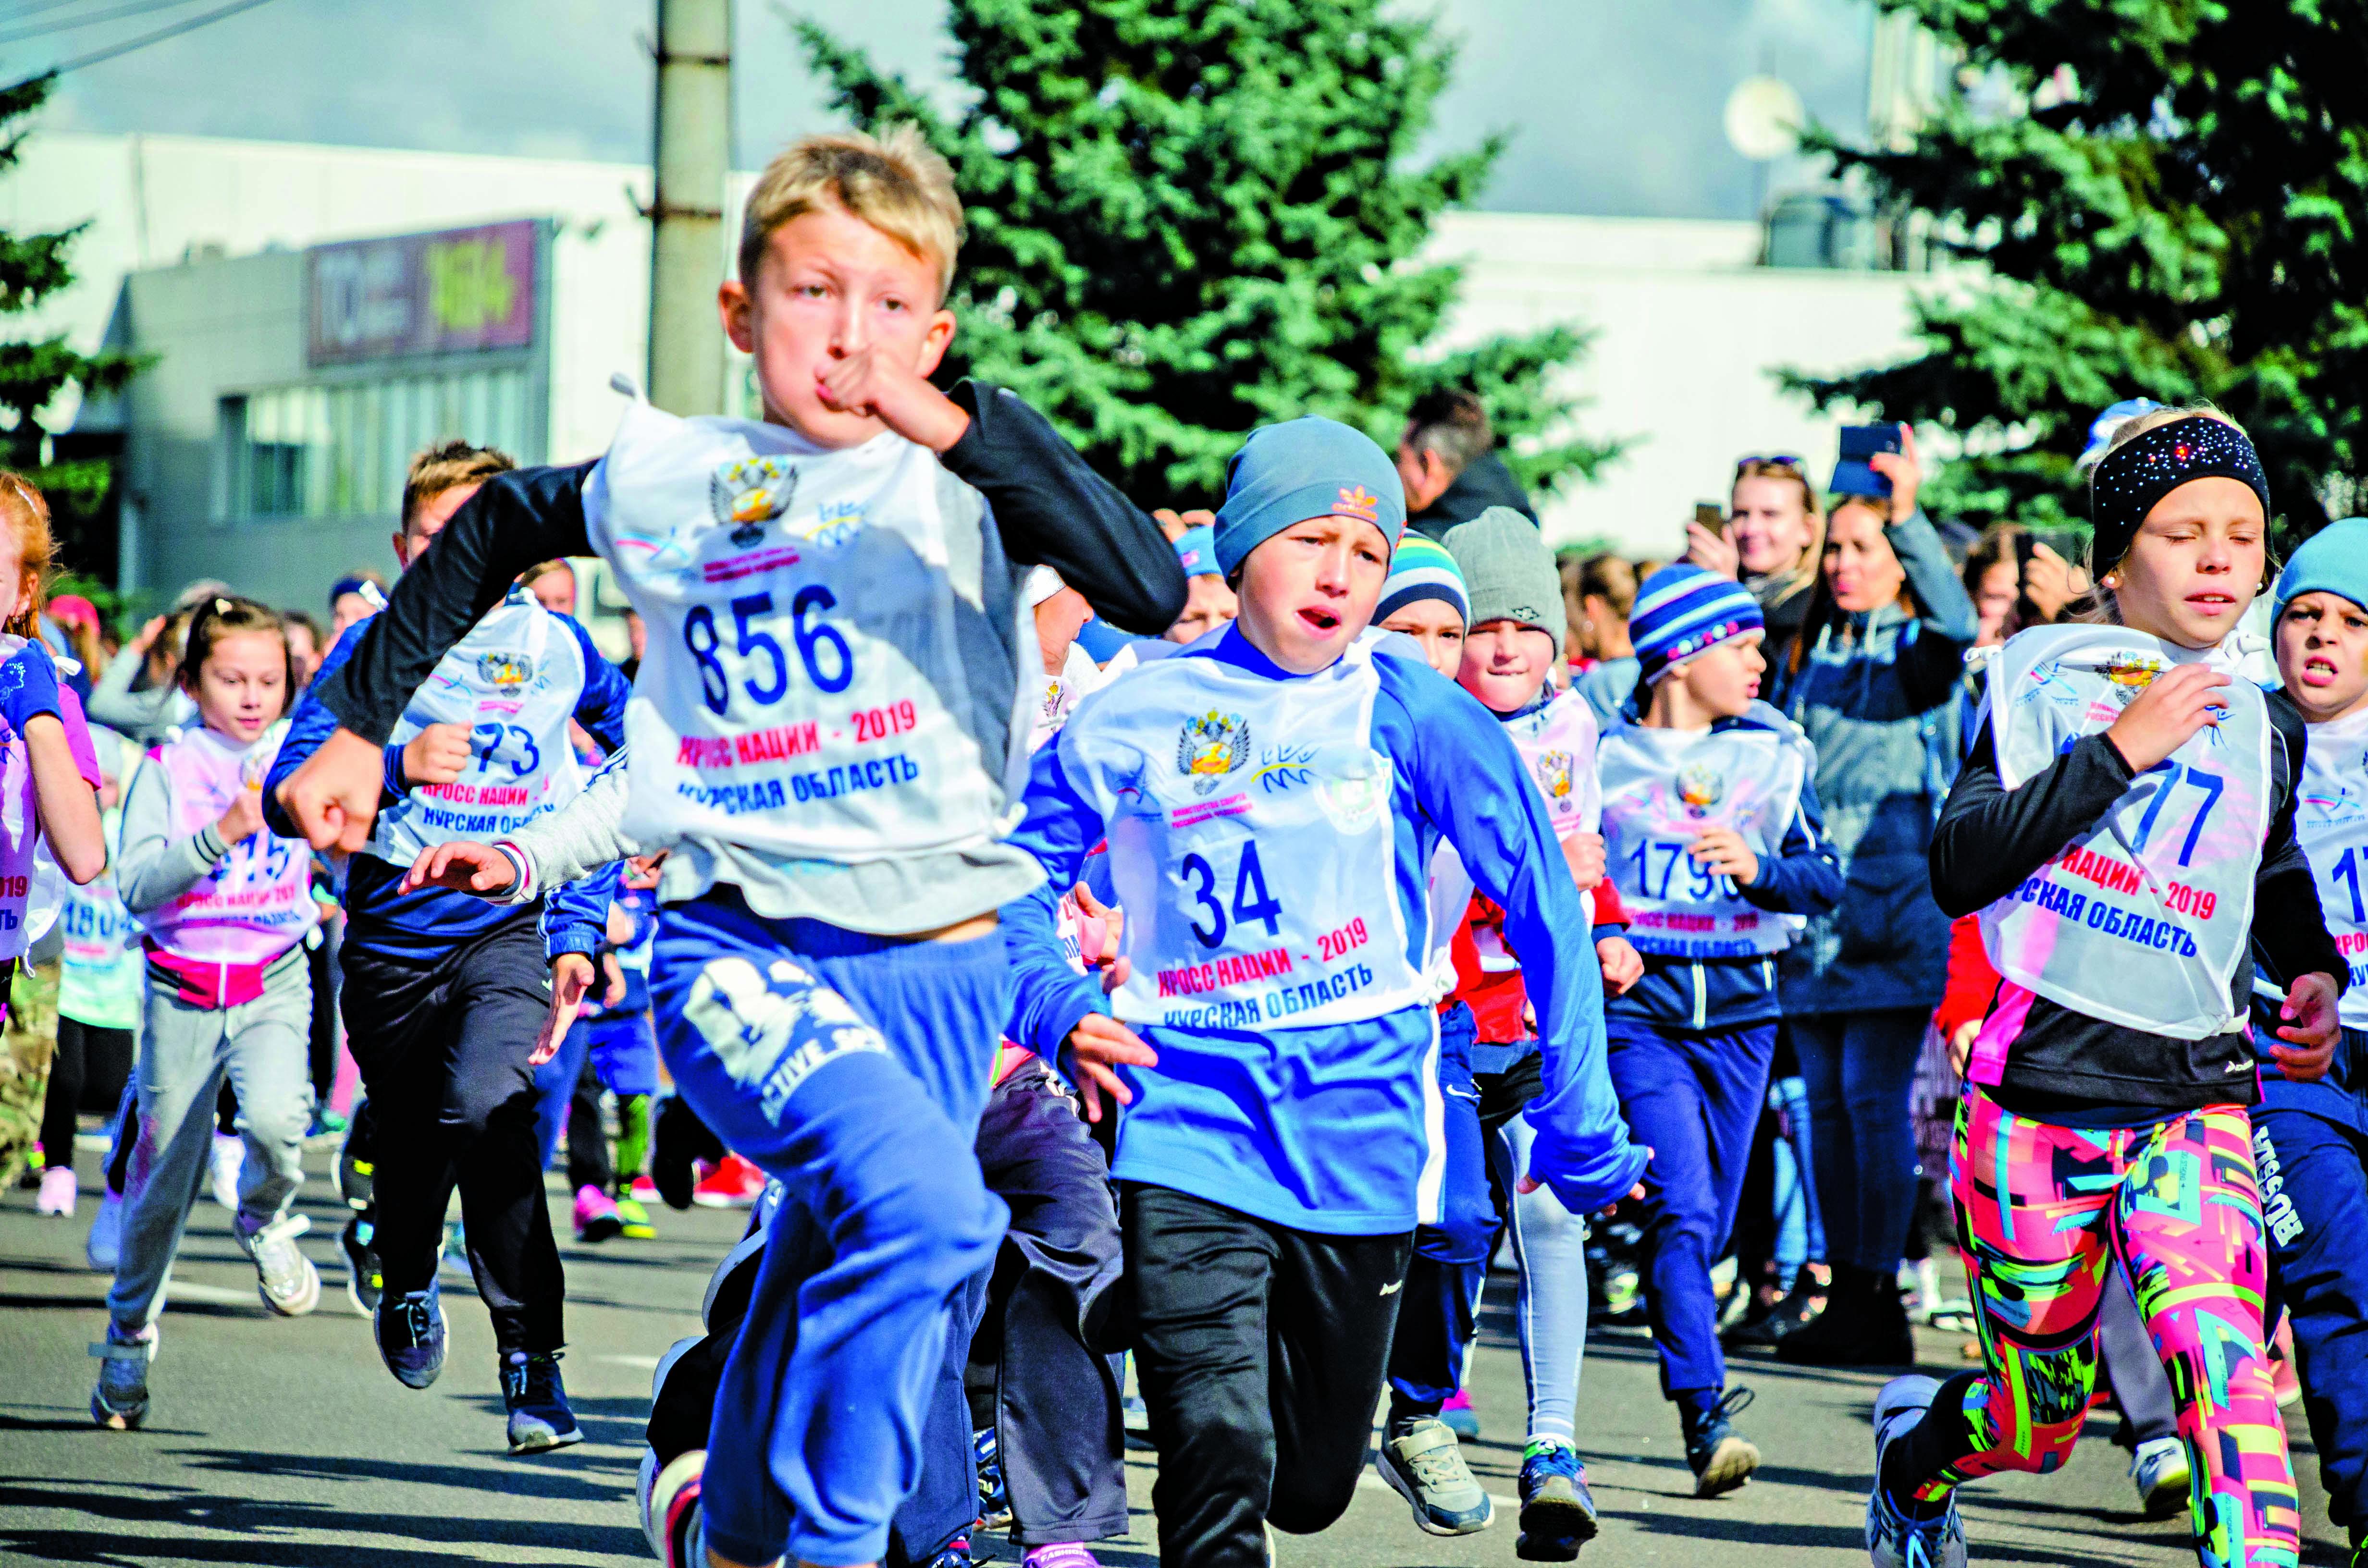 картинка день бега всероссийский отборные самоделки